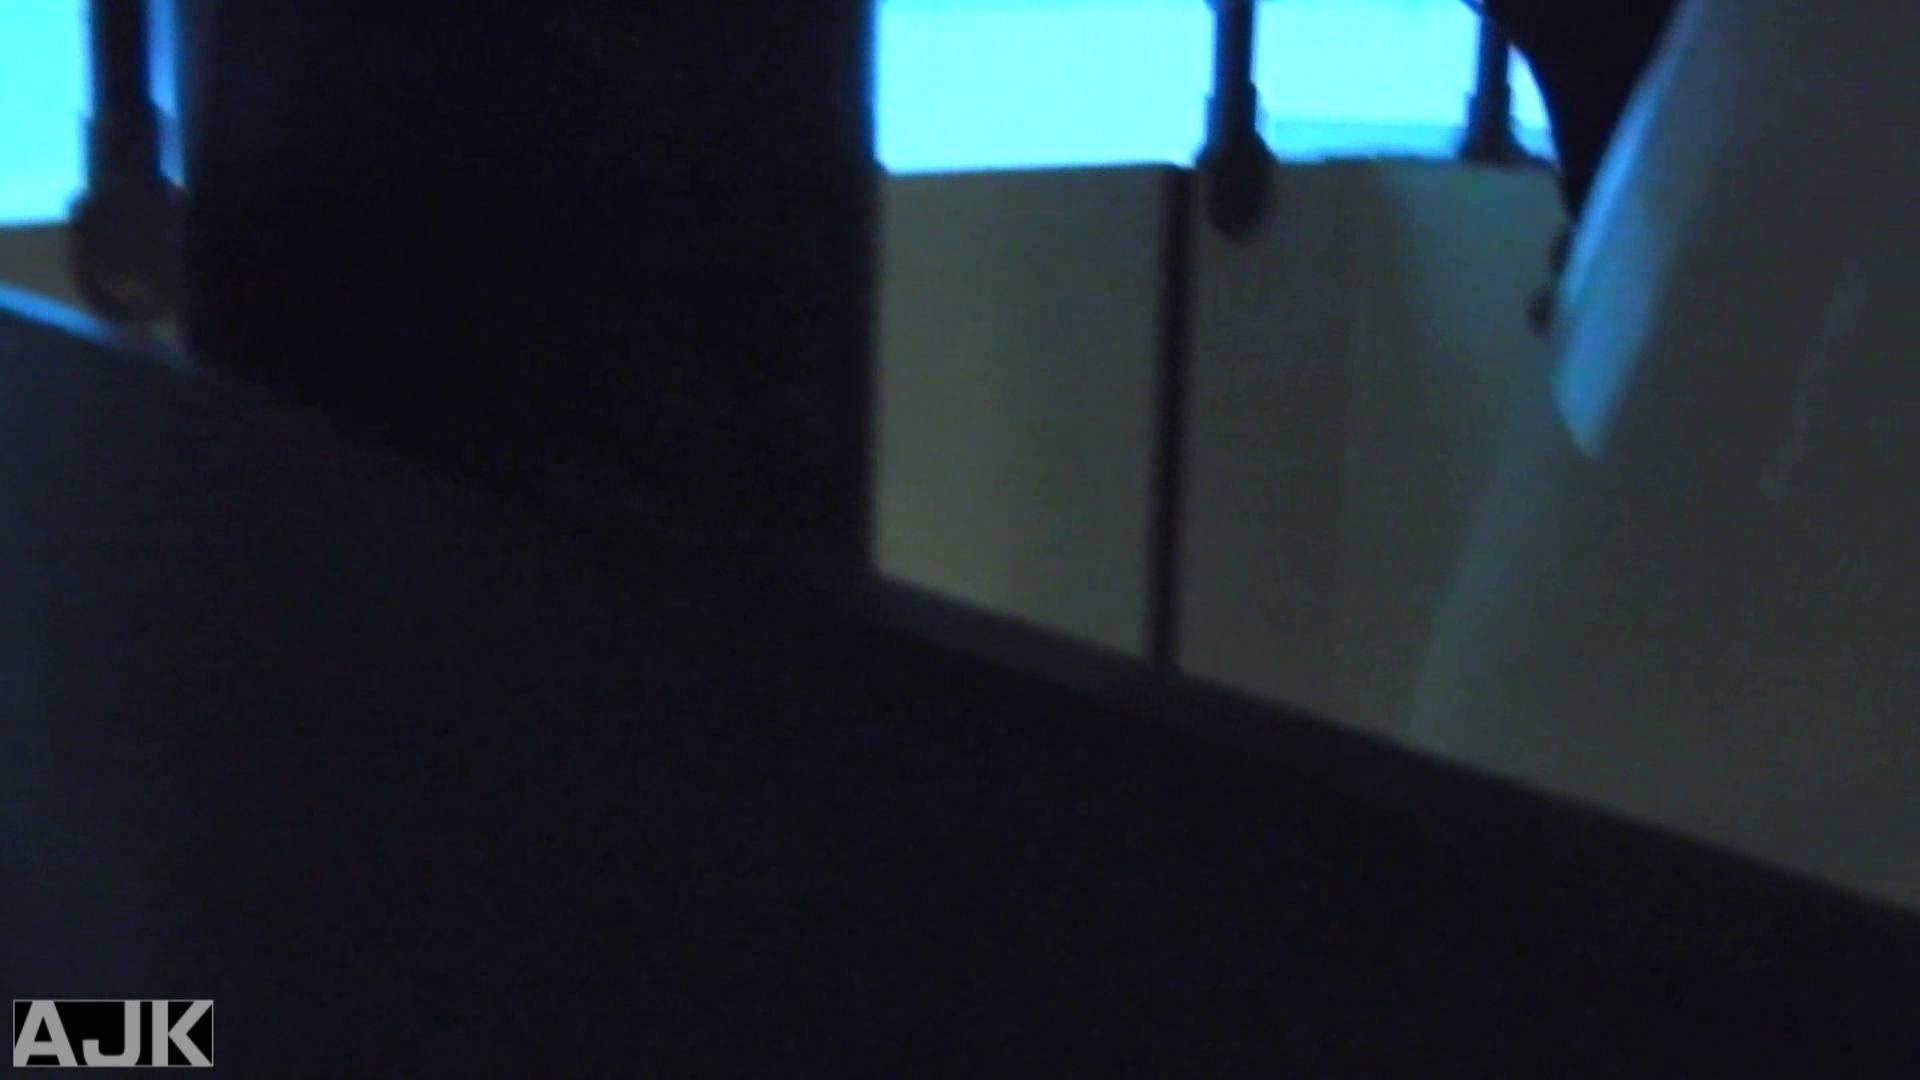 神降臨!史上最強の潜入かわや! vol.21 潜入突撃   モロだしオマンコ  103pic 71